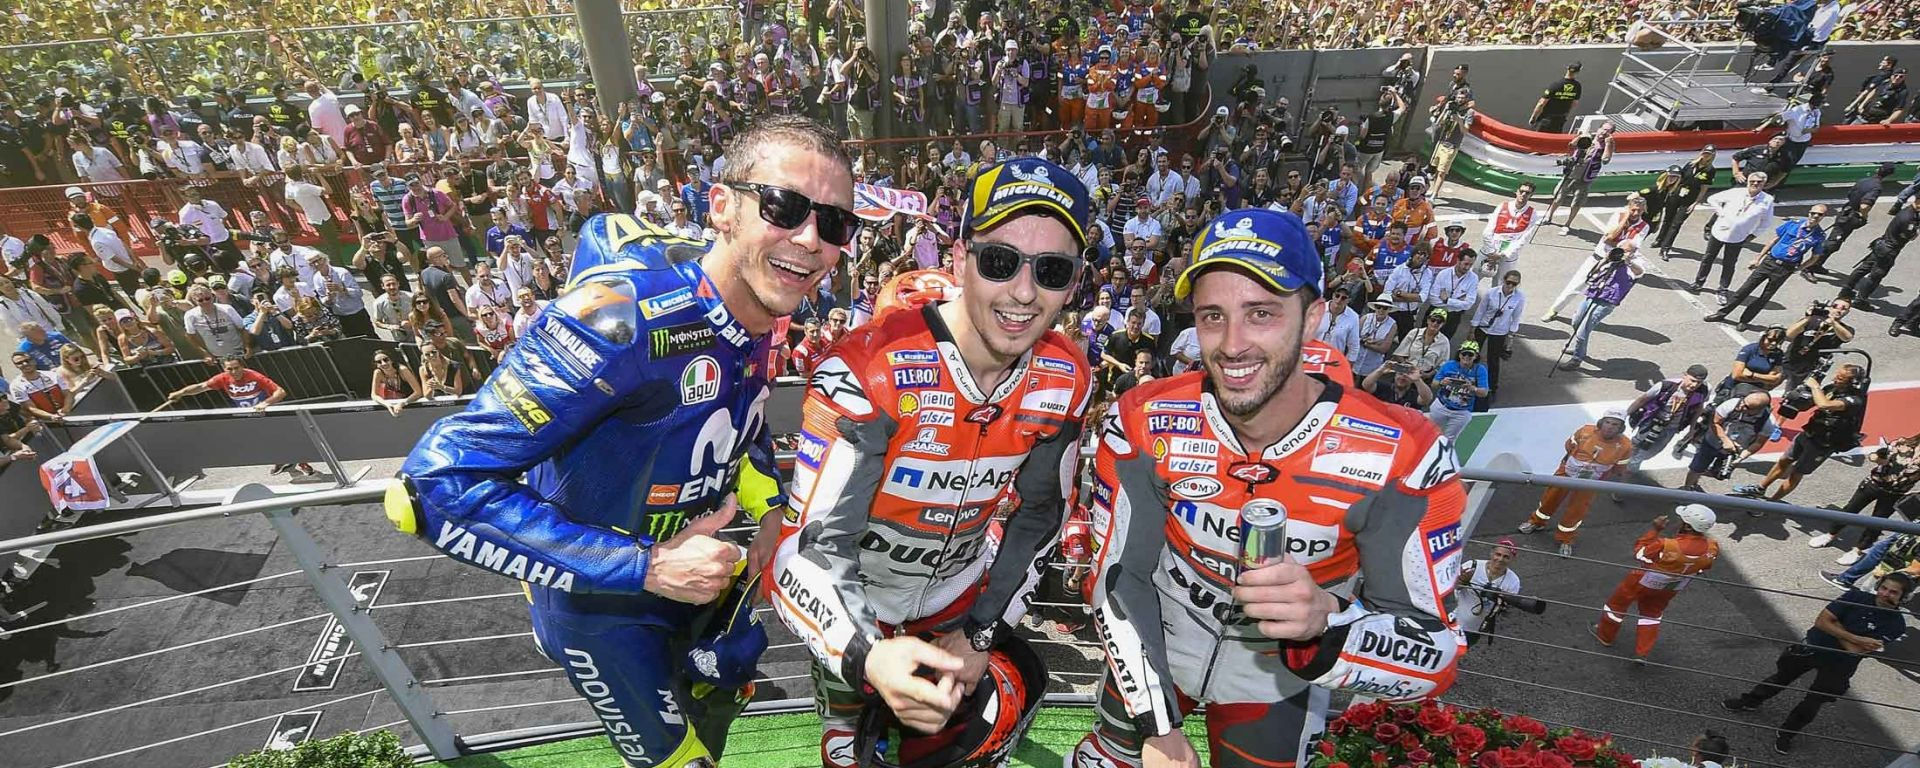 MotoGp Mugello 2018: le pagelle del GP d'Italia